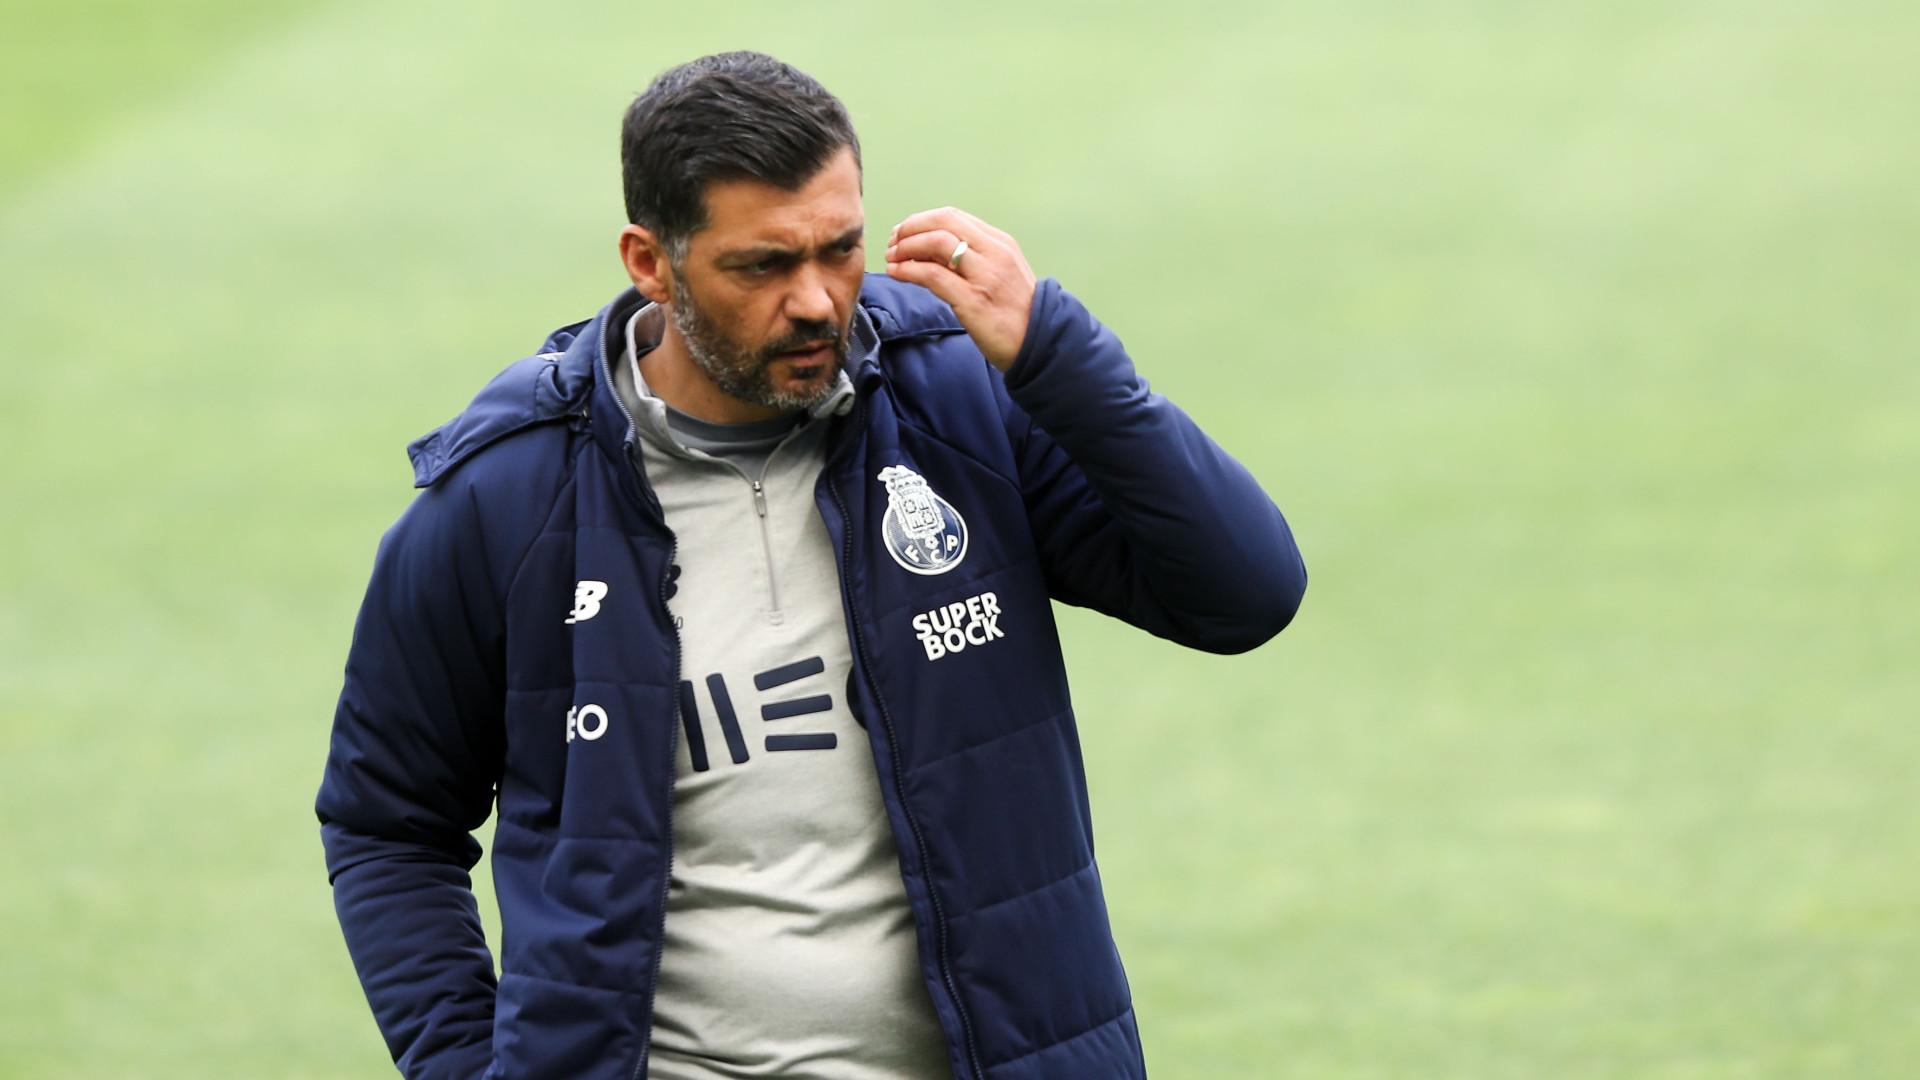 Depois da goleada, FC Porto tira dois dias de folga